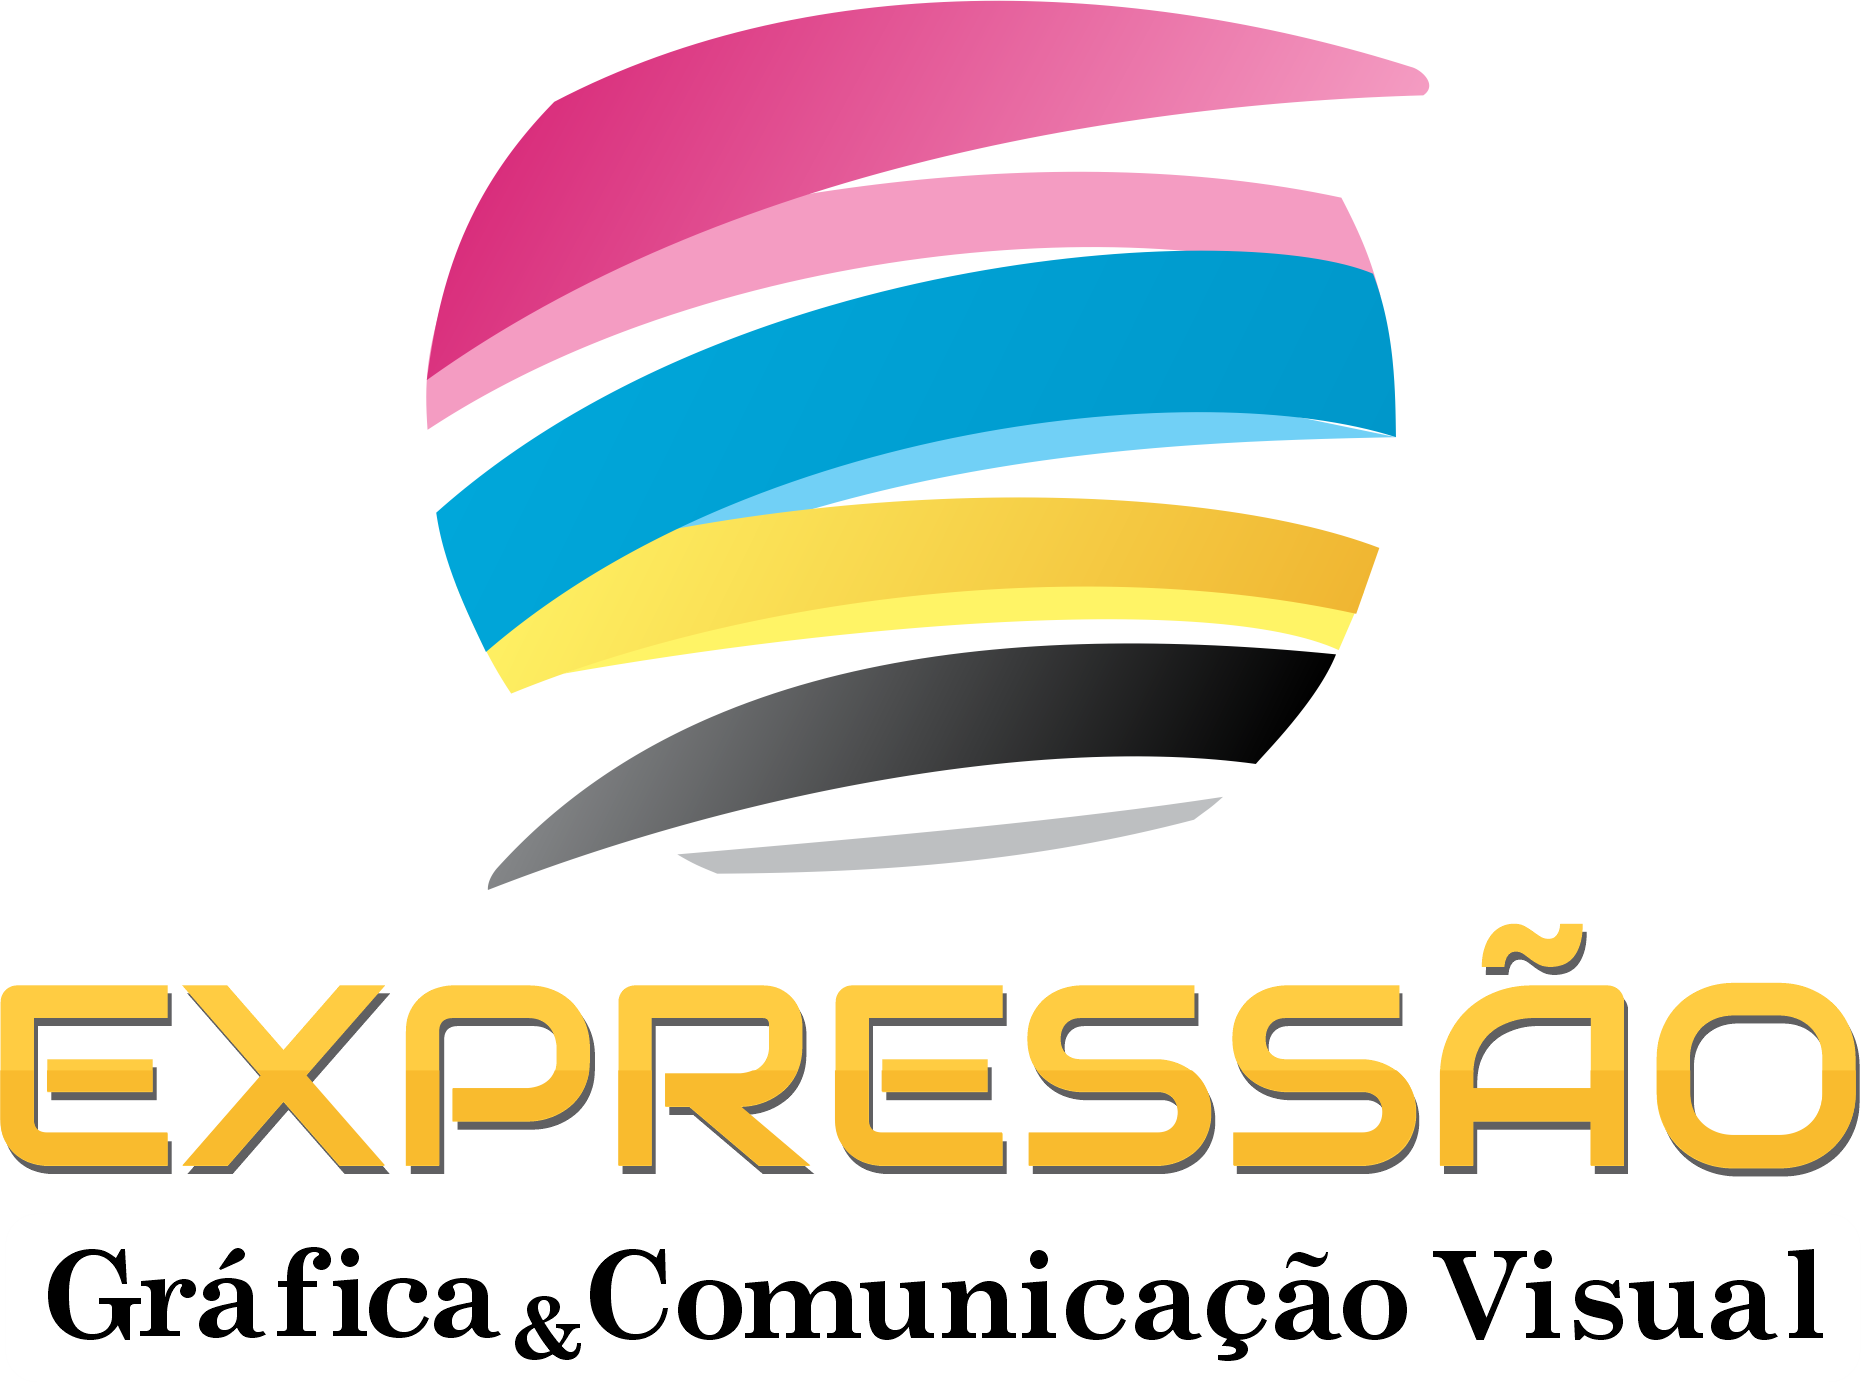 Gráfica e Comunicação Visual Expressão